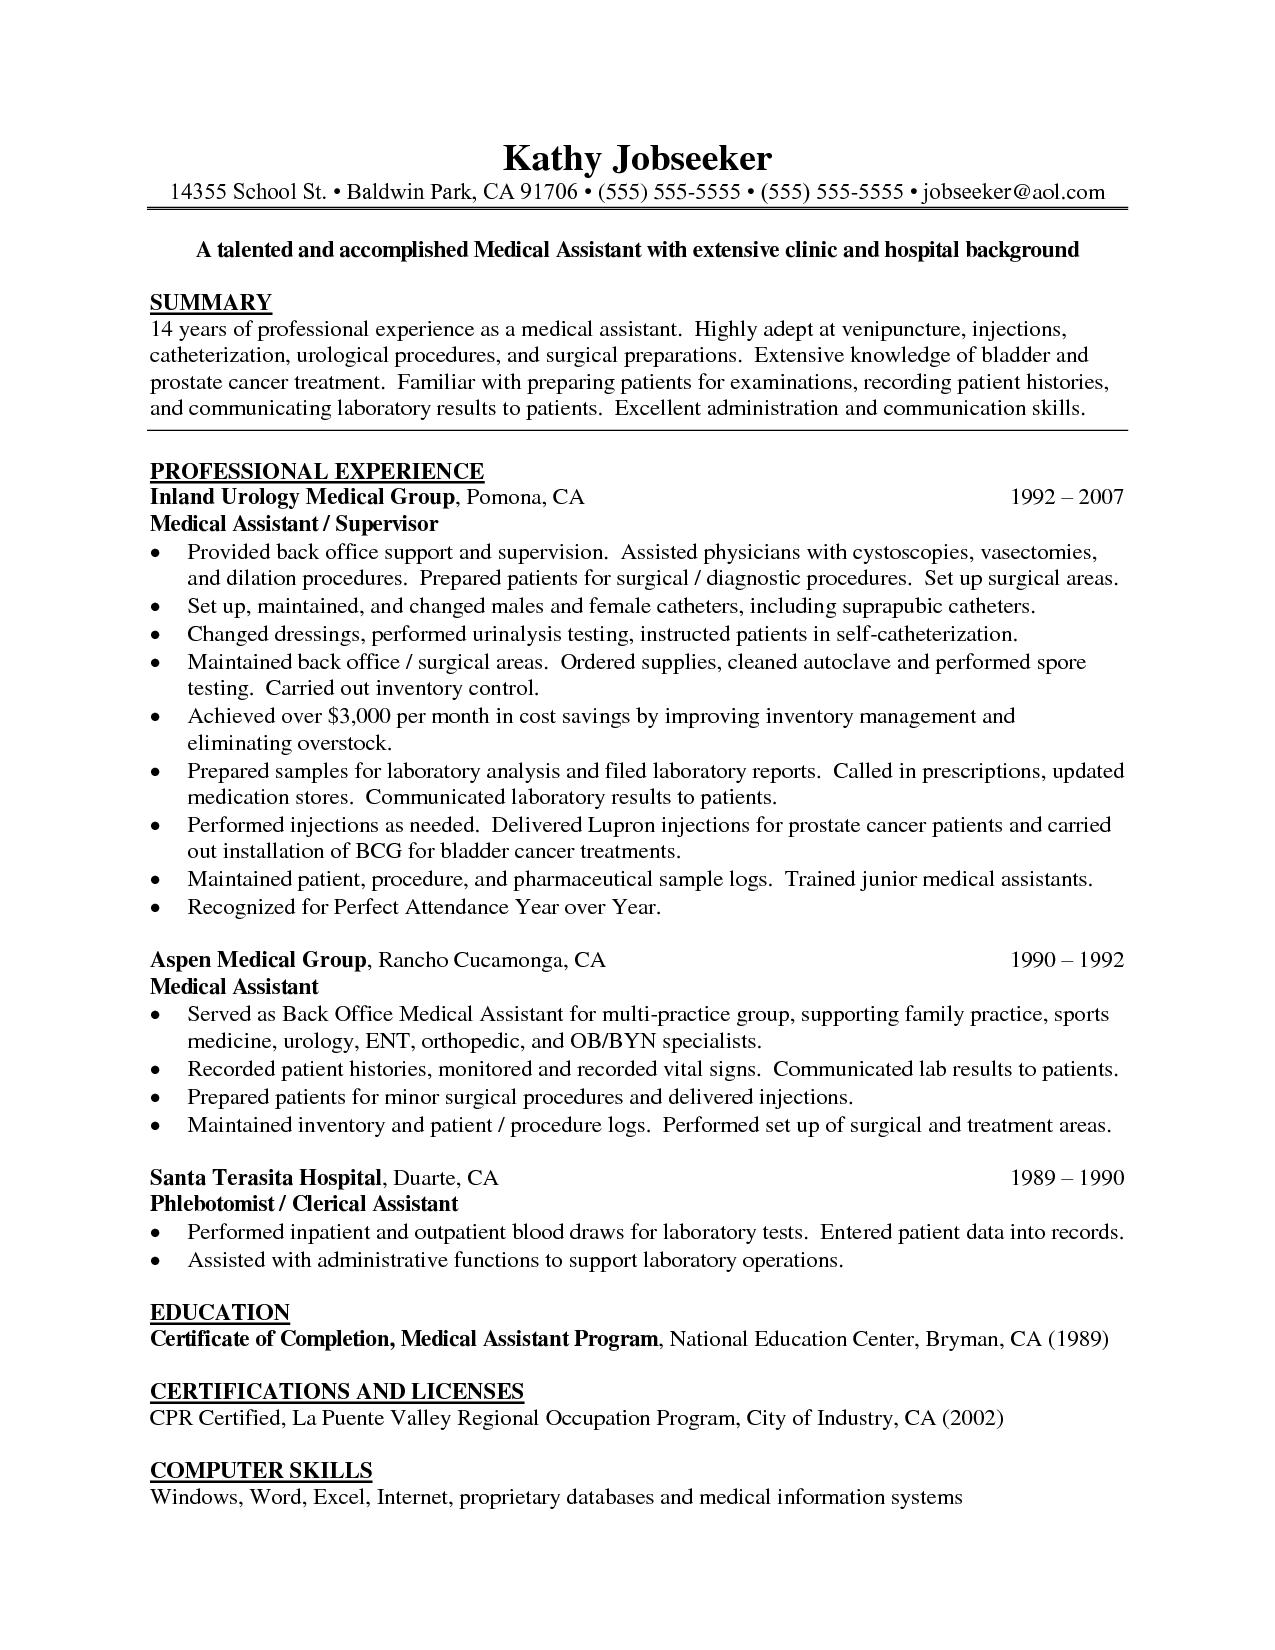 Resume For Certified Medical Assistantcareer Resume Template Career Resume Template Medical Assistant Resume Medical Resume Medical Assistant Job Description